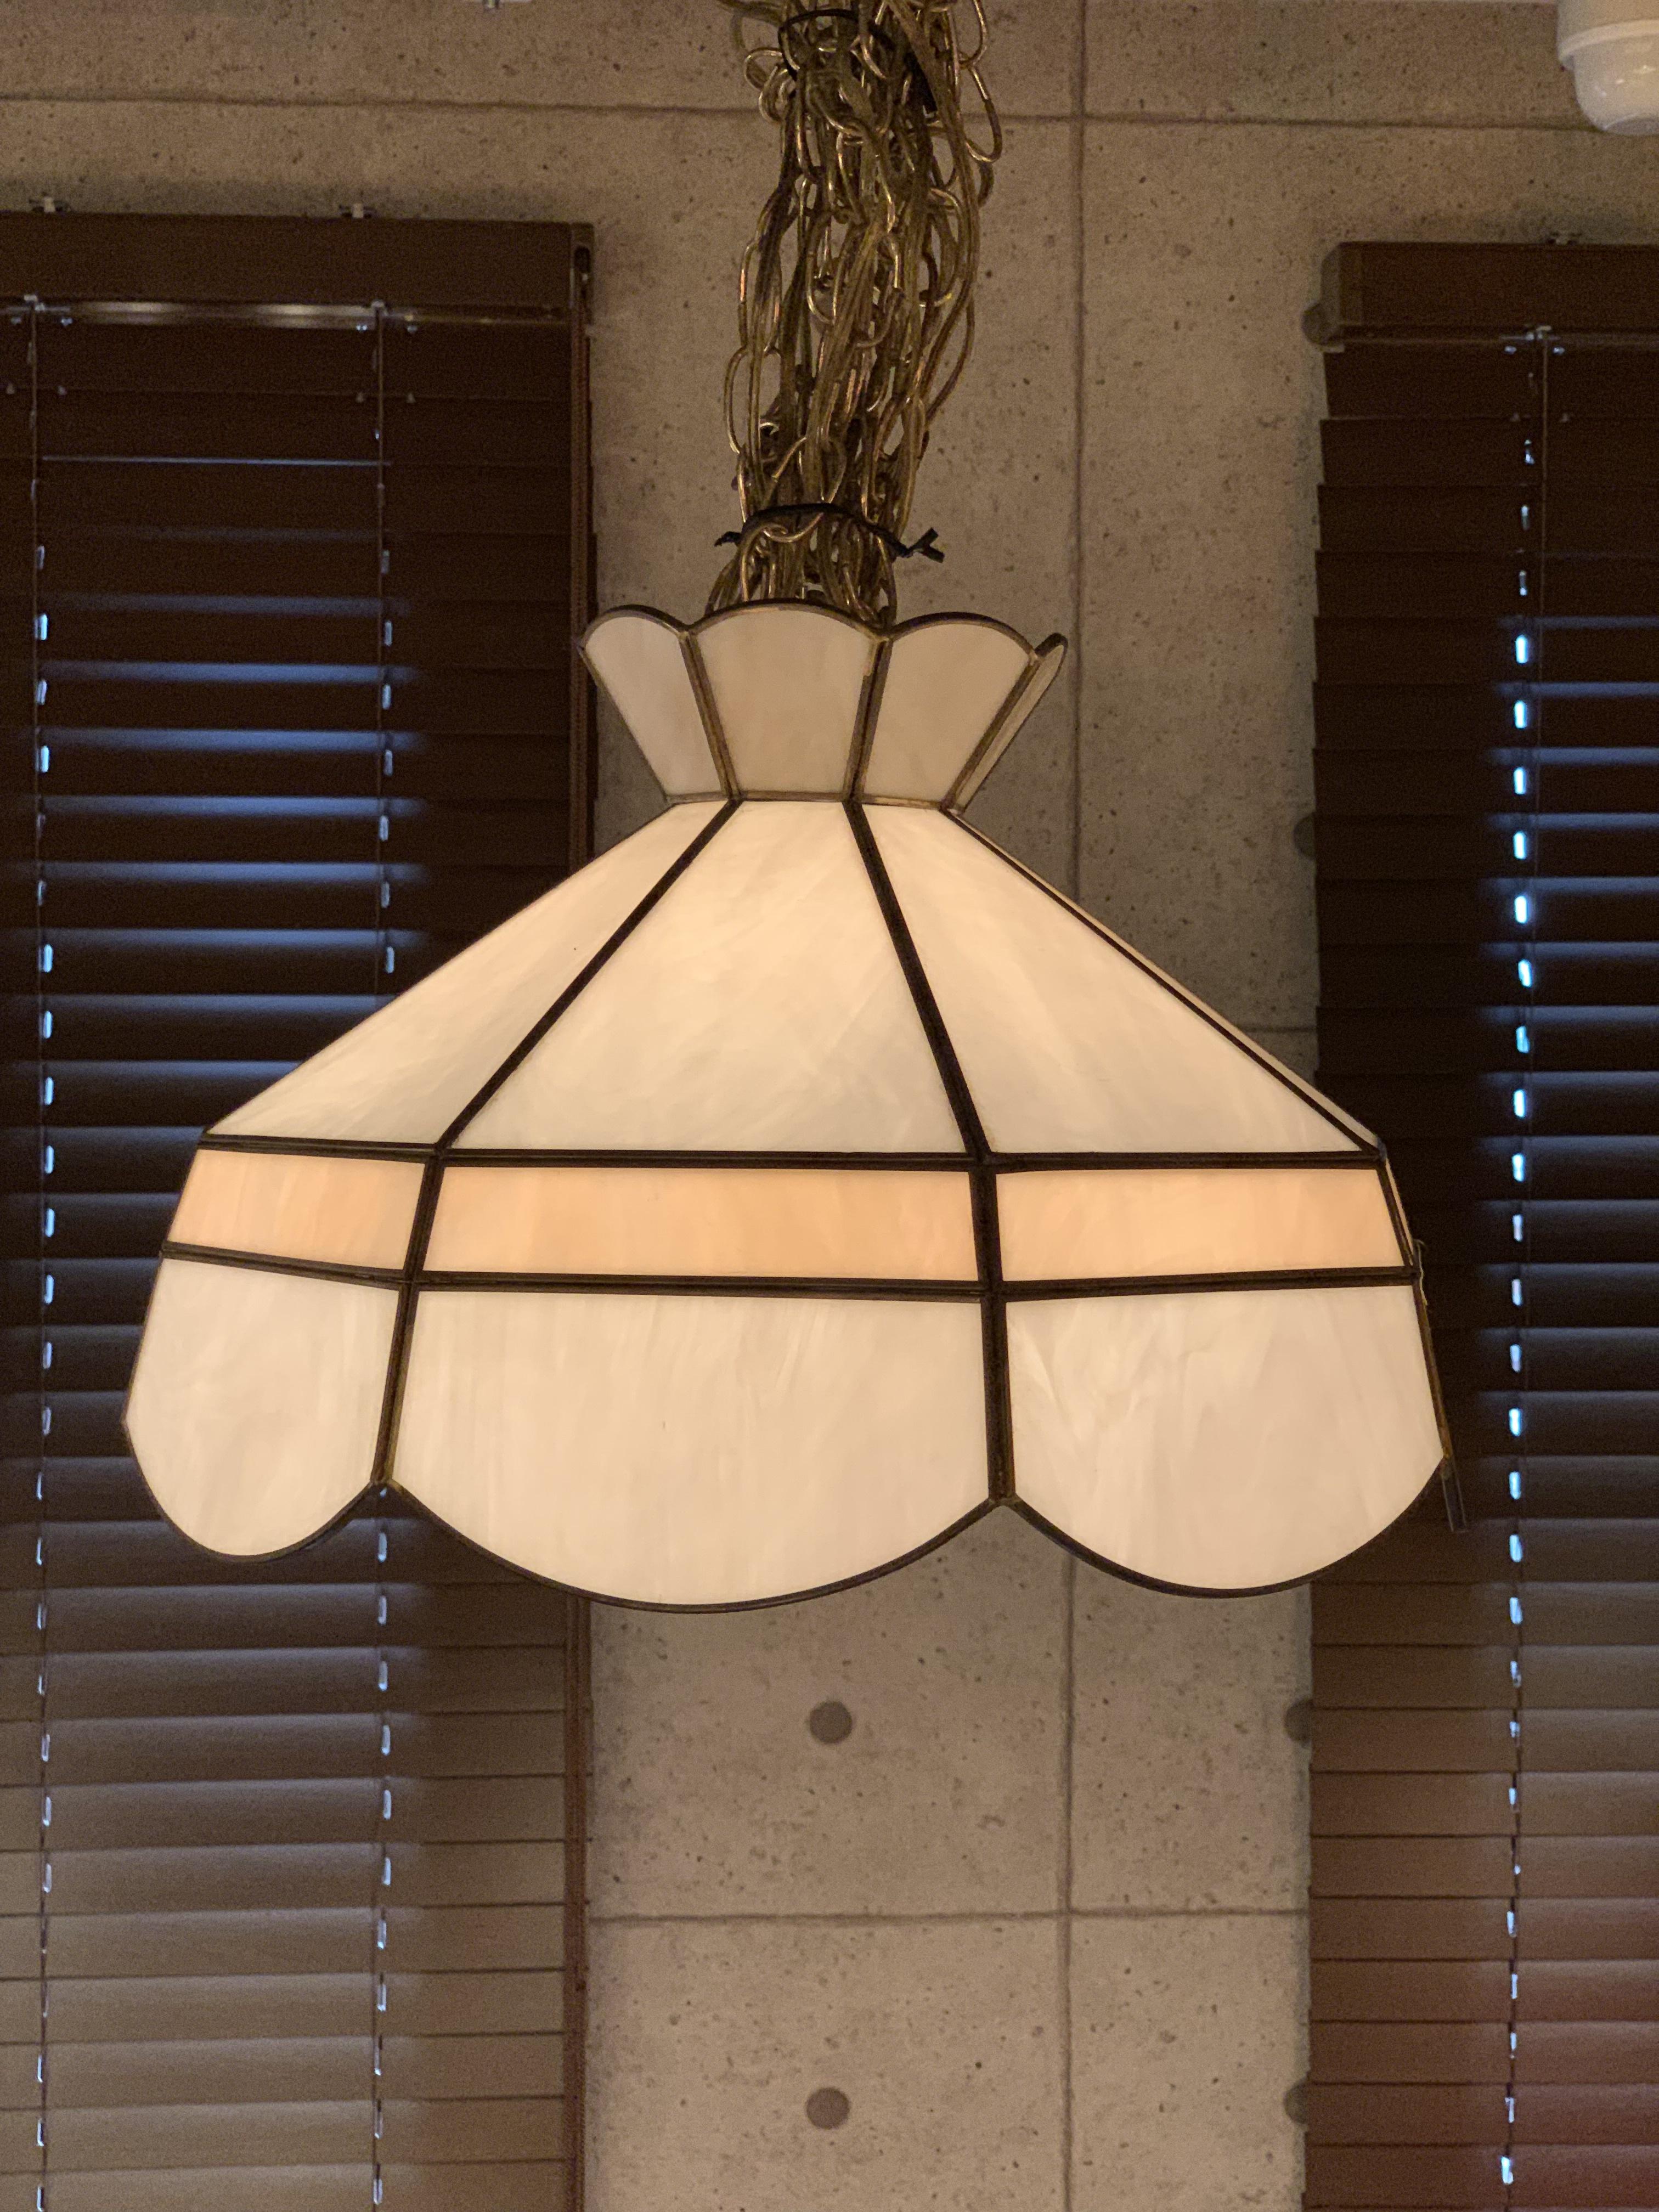 品番0651 吊りランプ / Hanging Lamp 011